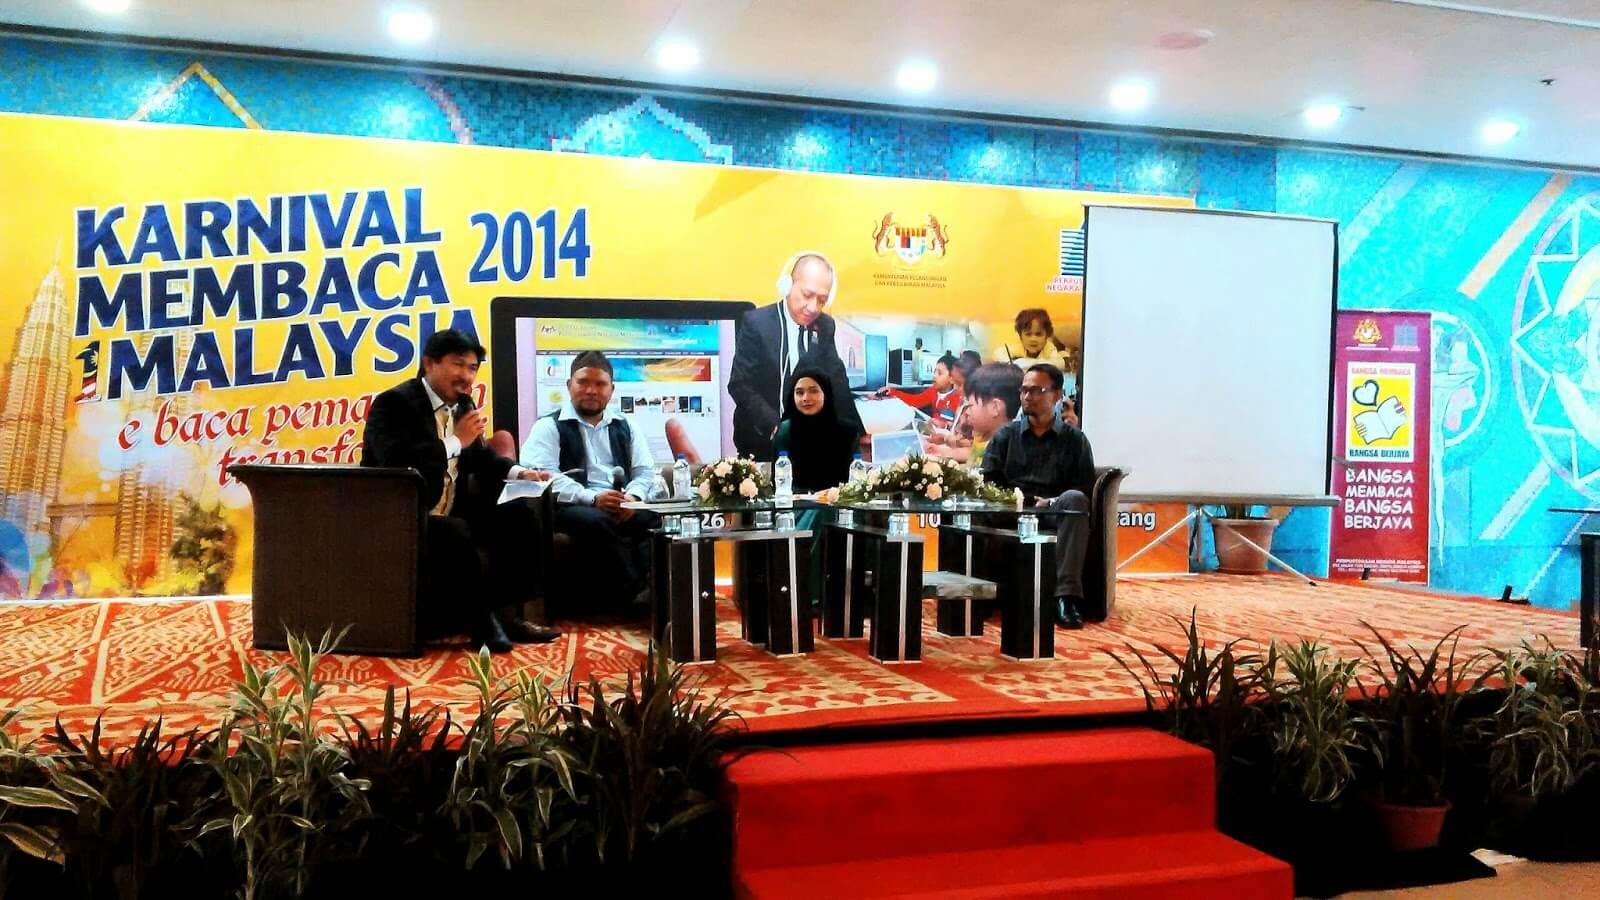 Sesi Bersama Bloggers Karnival Membaca 1 Malaysia